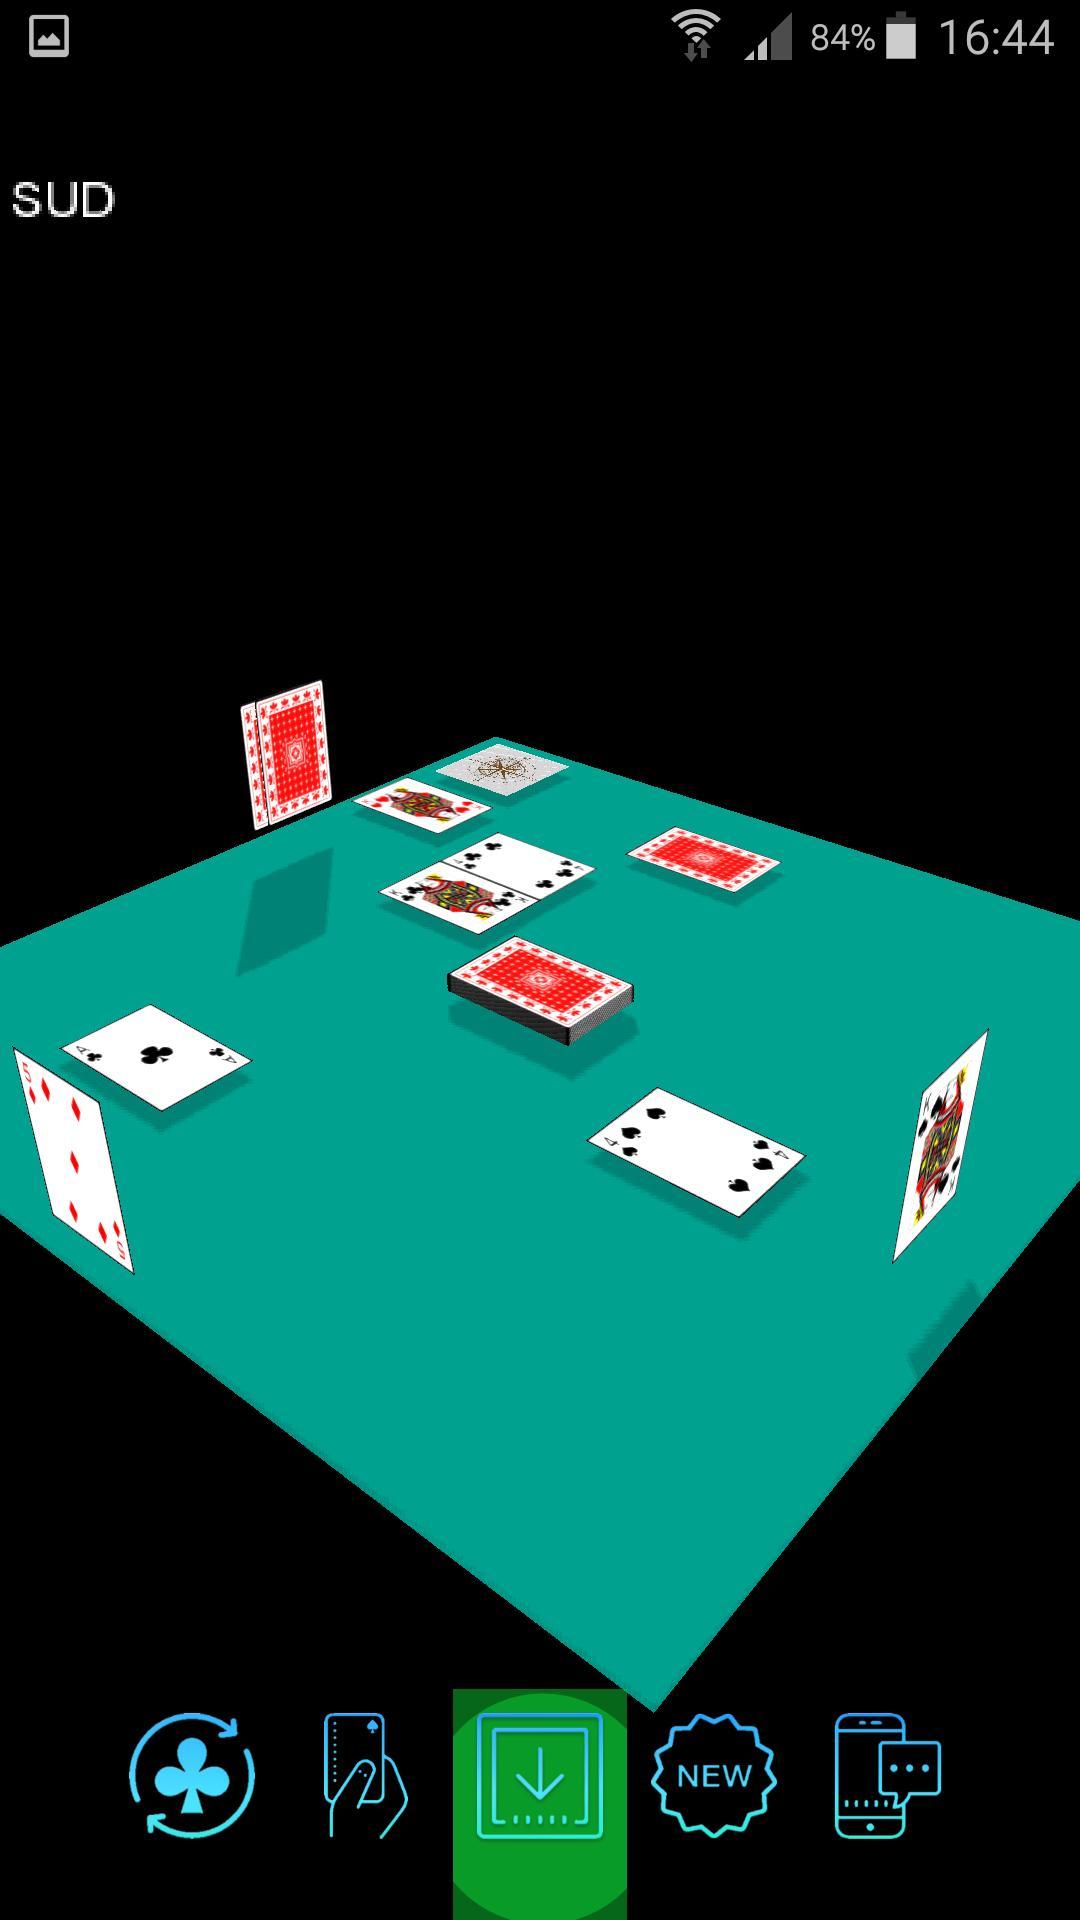 Cartes À Jouer 3D (Jeux Gratuit Sans Publicité) For Android à Jouer Au Domino Gratuitement